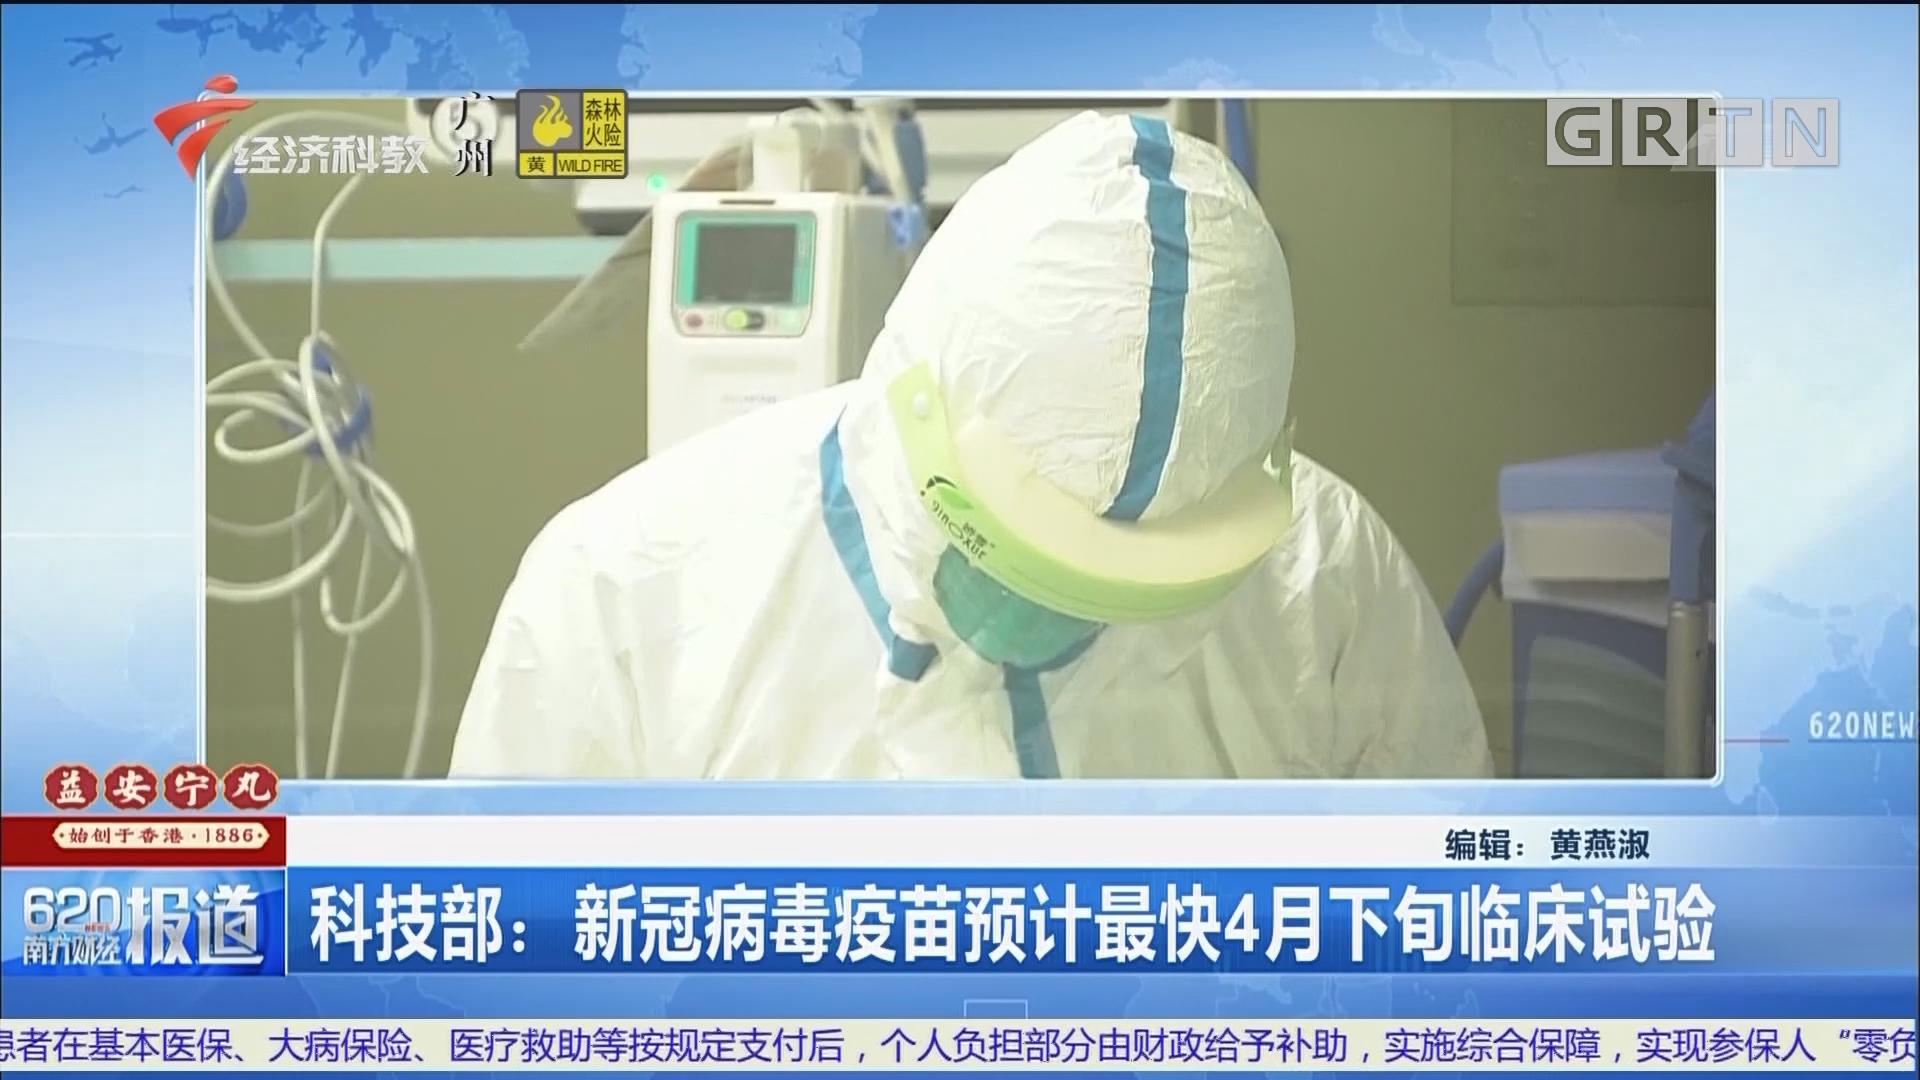 科技部:新冠病毒疫苗预计最快4月下旬临床试验